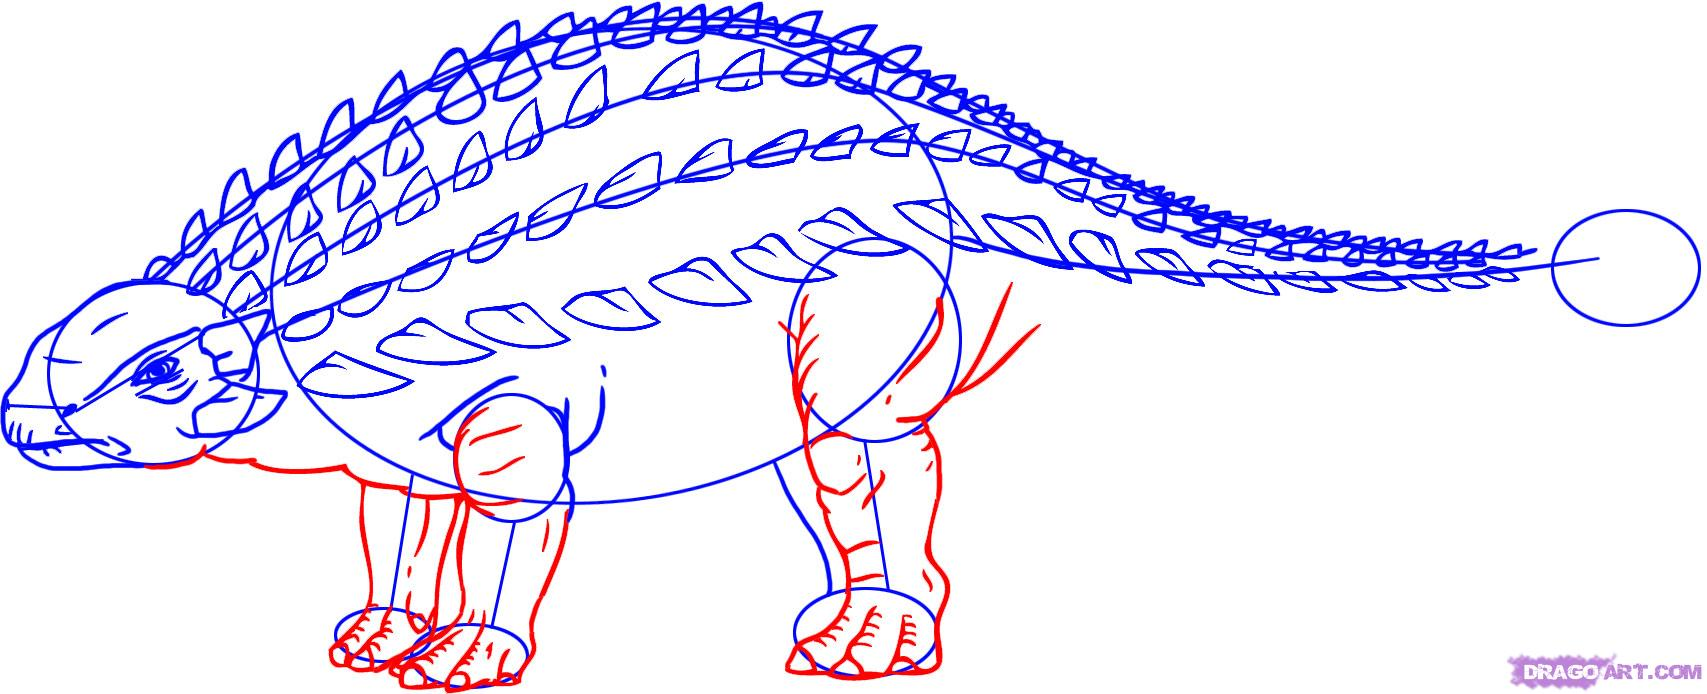 Рисуем Анкилозавра(Ankylosaurus)